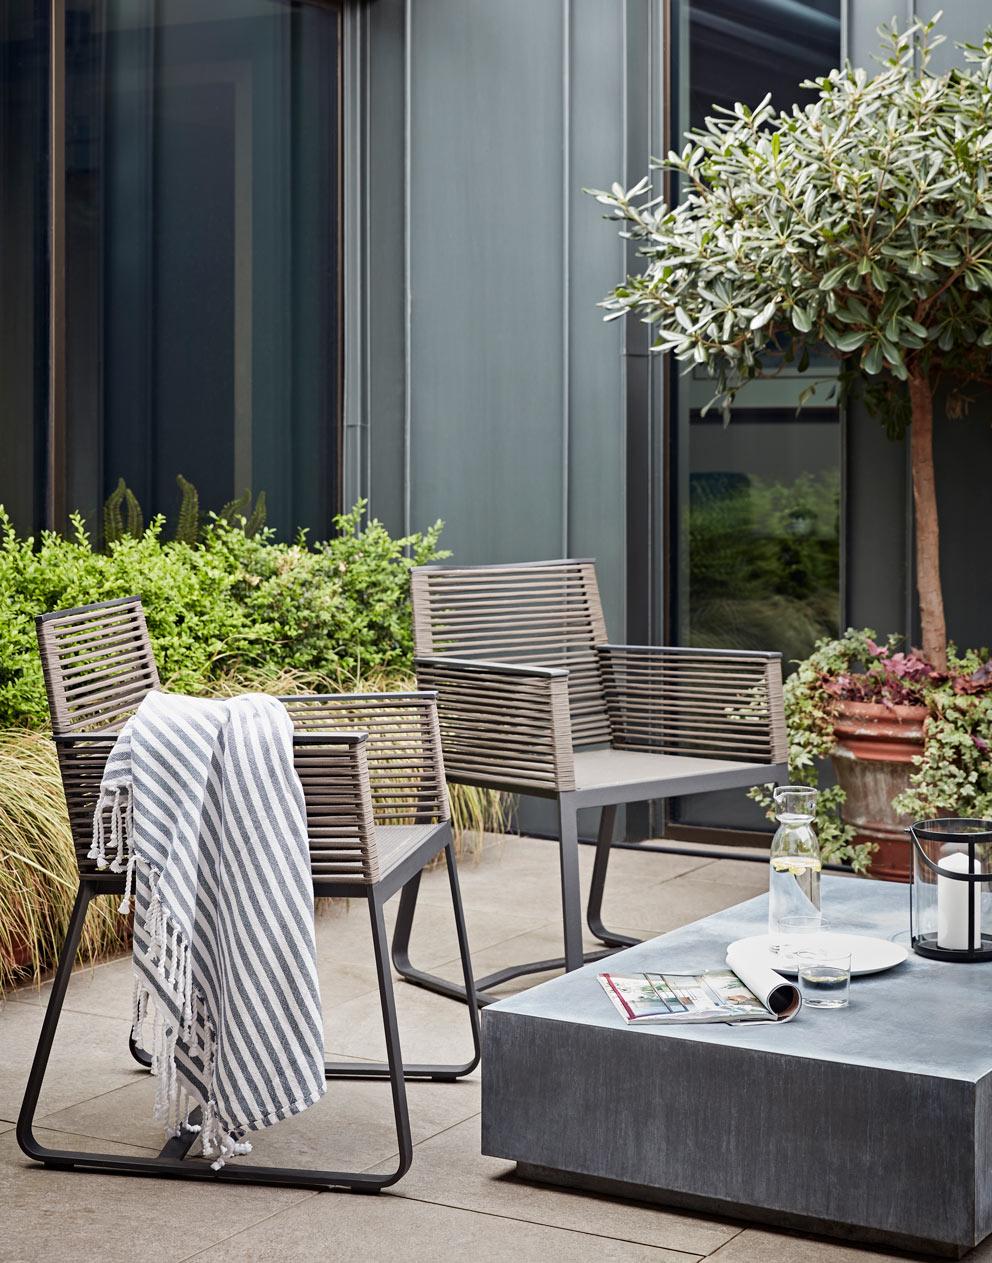 Executive suite terrace